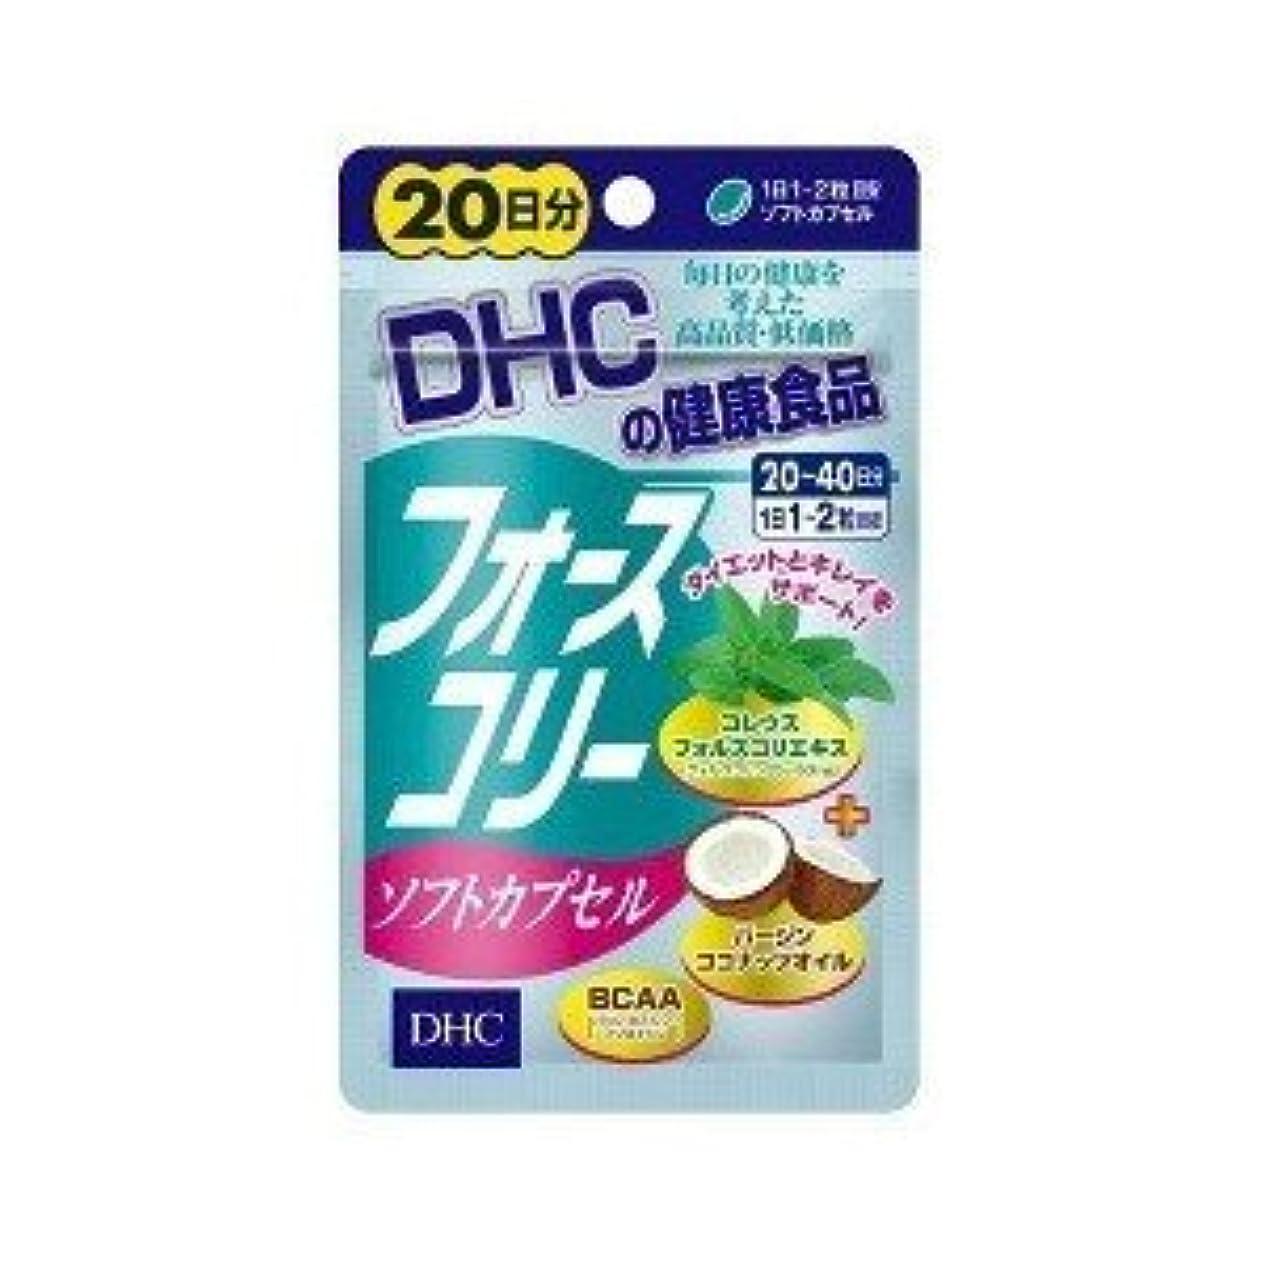 女王染料エール(2017年春の新商品)DHC フォースコリー ソフトカプセル 20日分 40粒